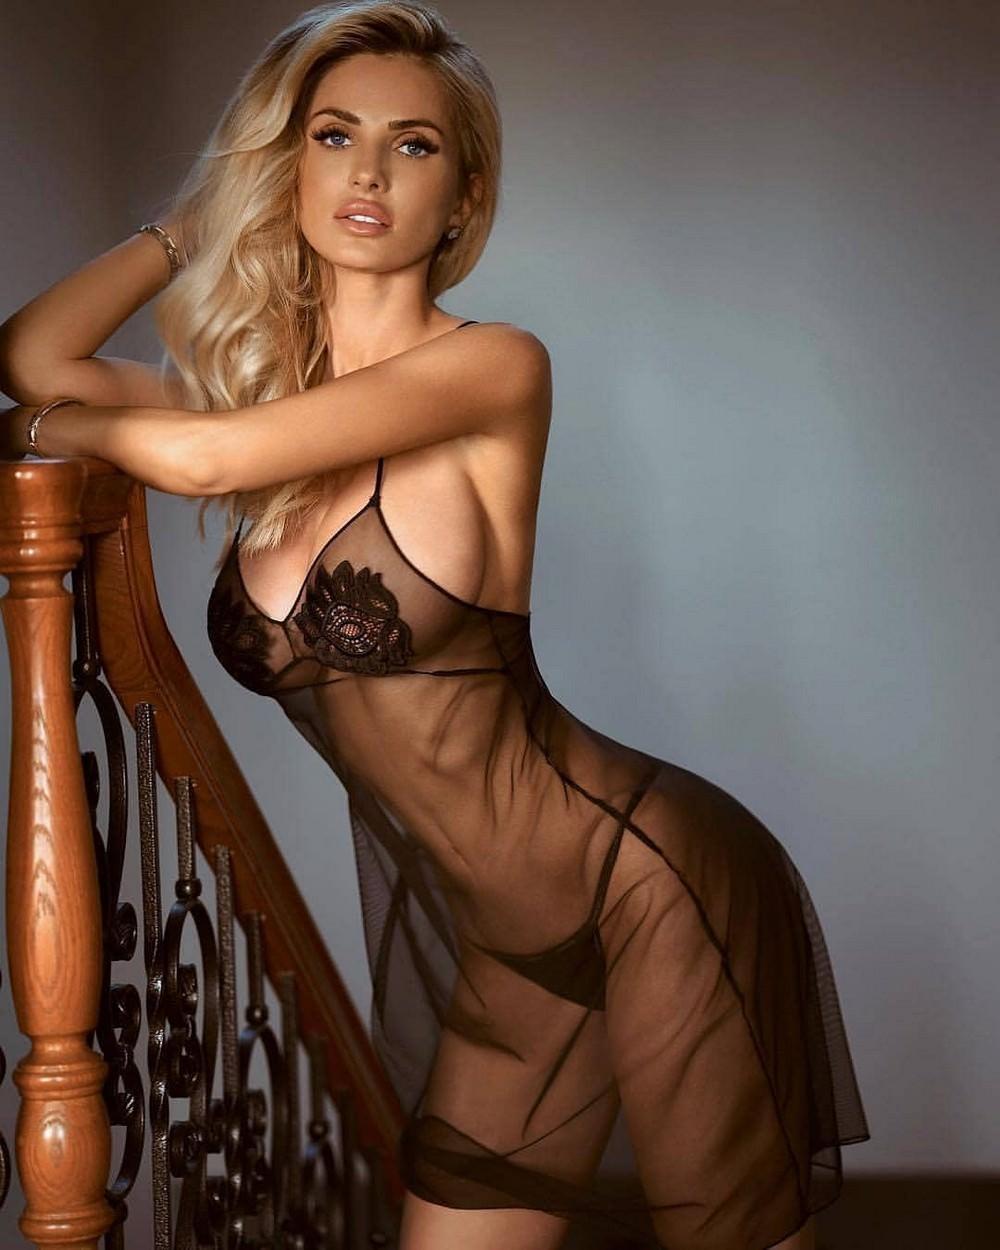 zyatem-seksualnie-foto-goryachih-krasotok